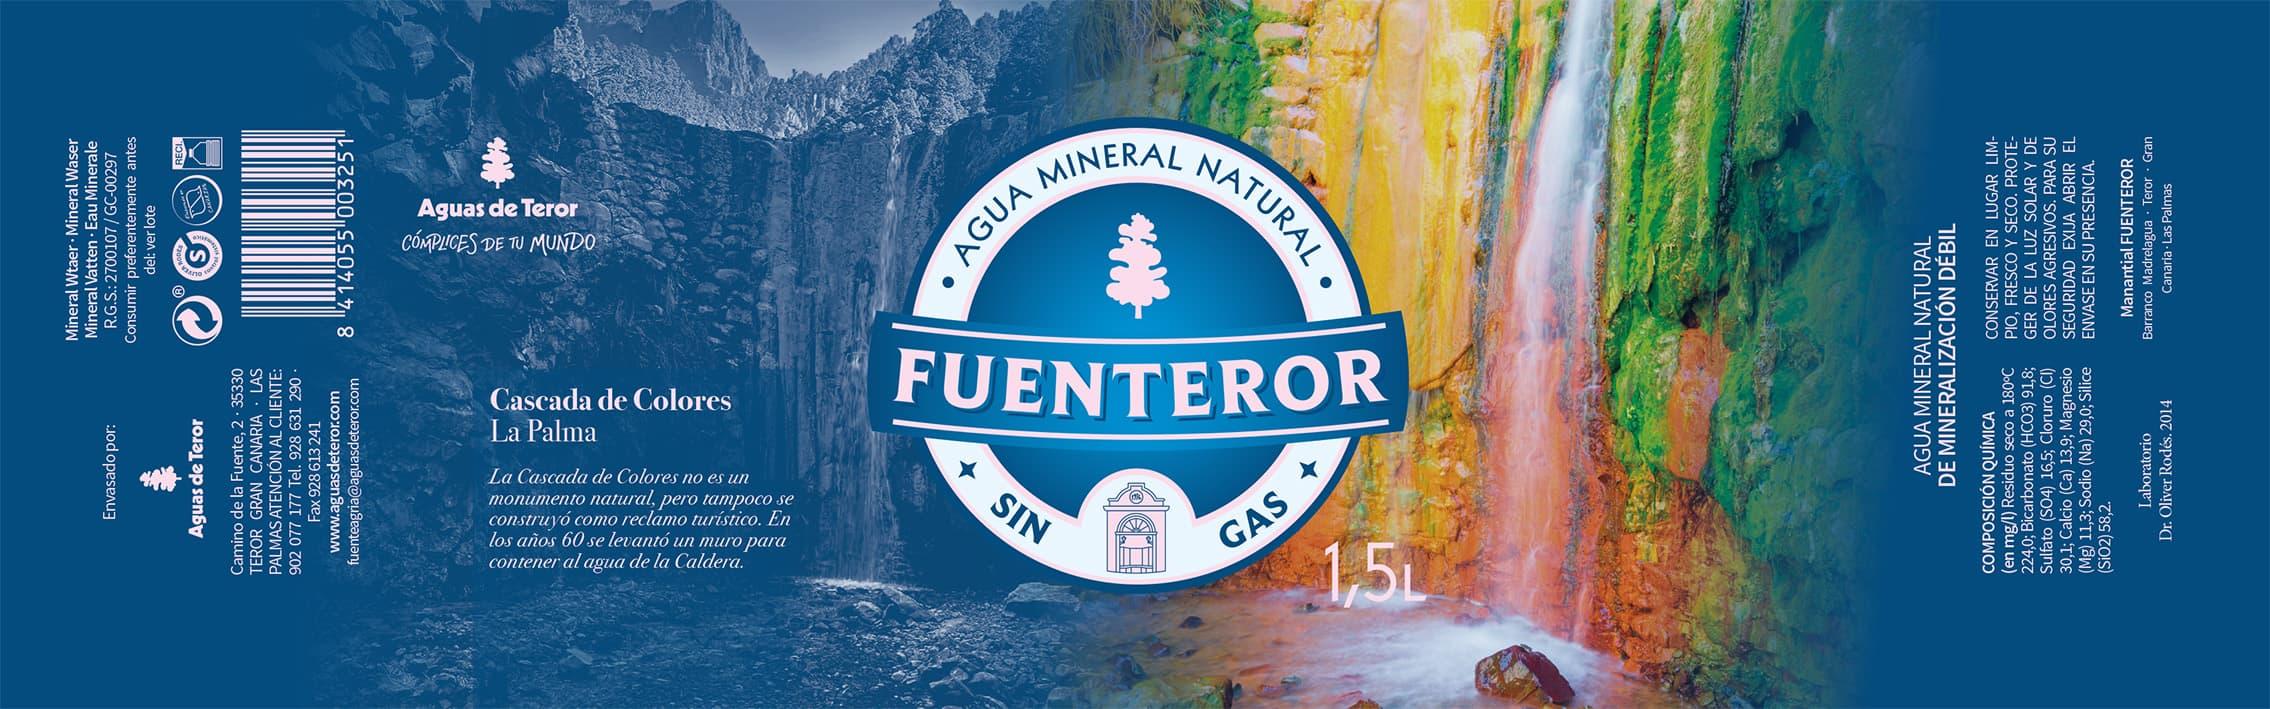 Mostramos la belleza de nuestras islas con un etiquetado especial para Aguas de Teror por el Día de Canarias